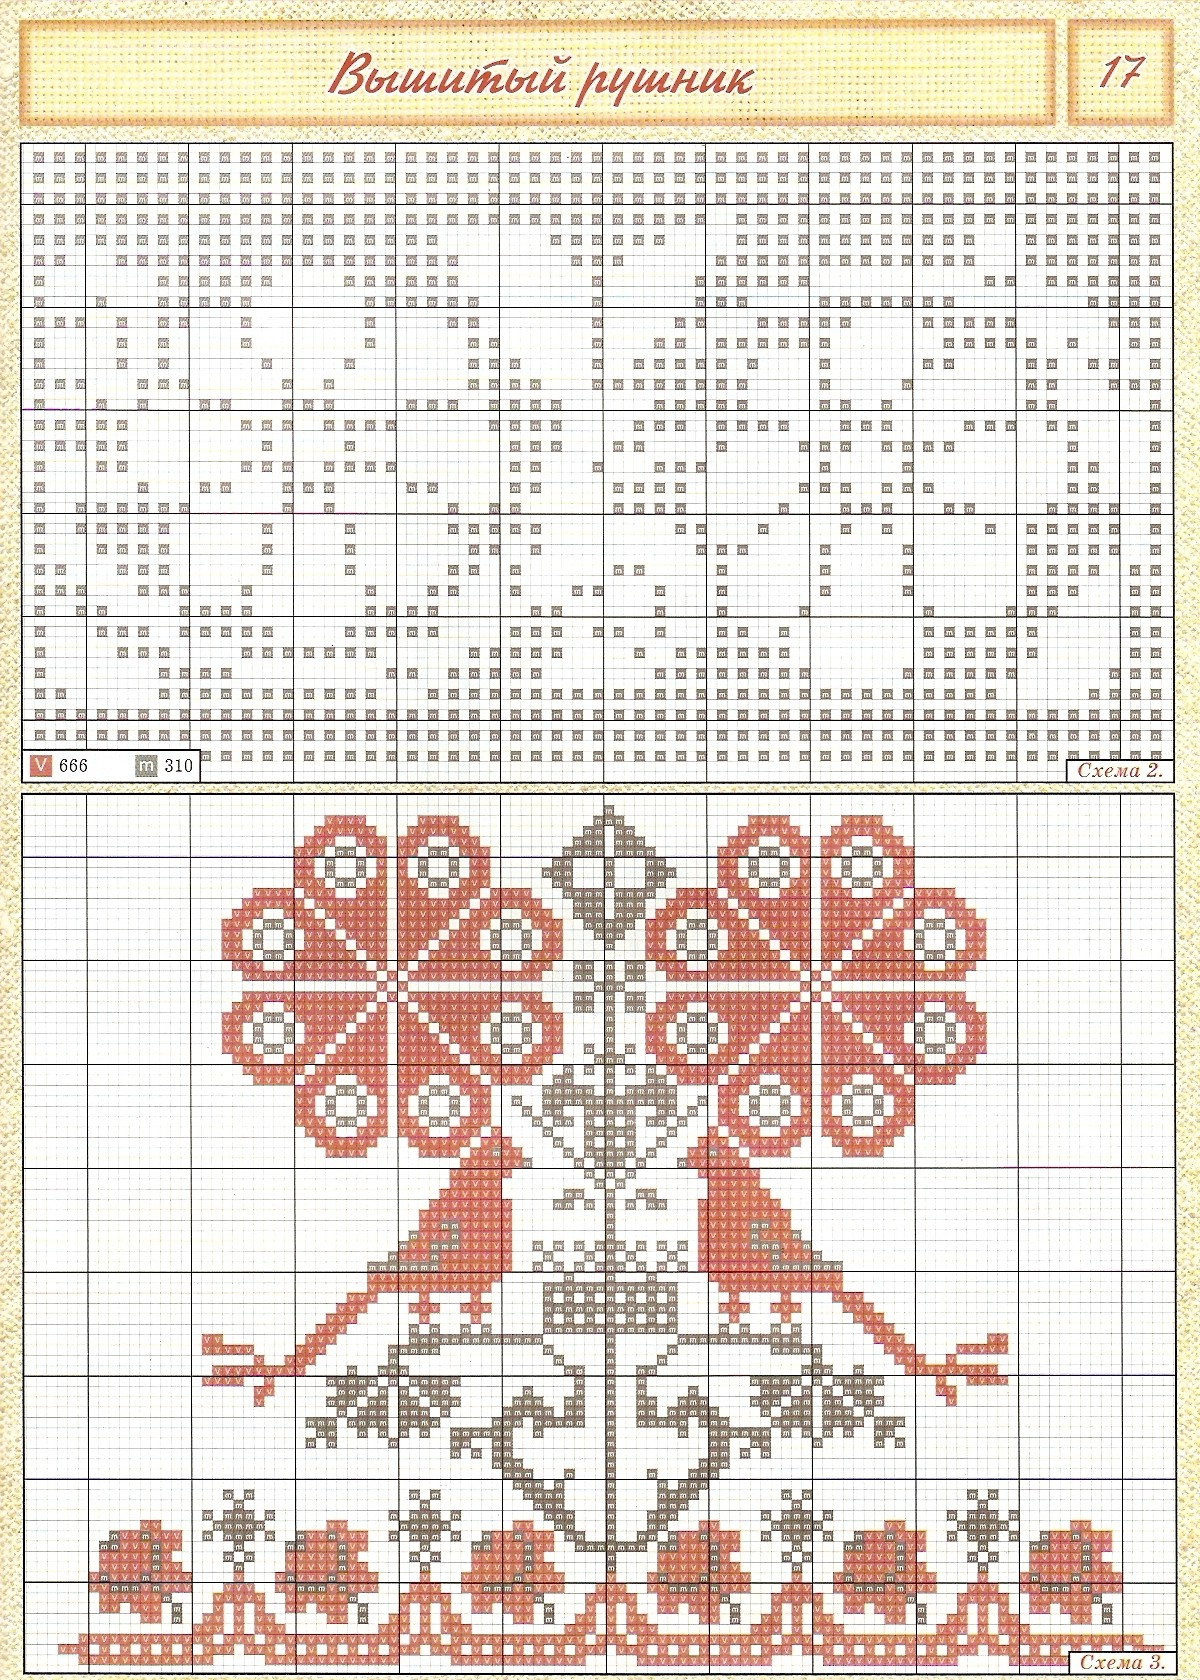 Вышивка крестом: Свадебные рушники 92